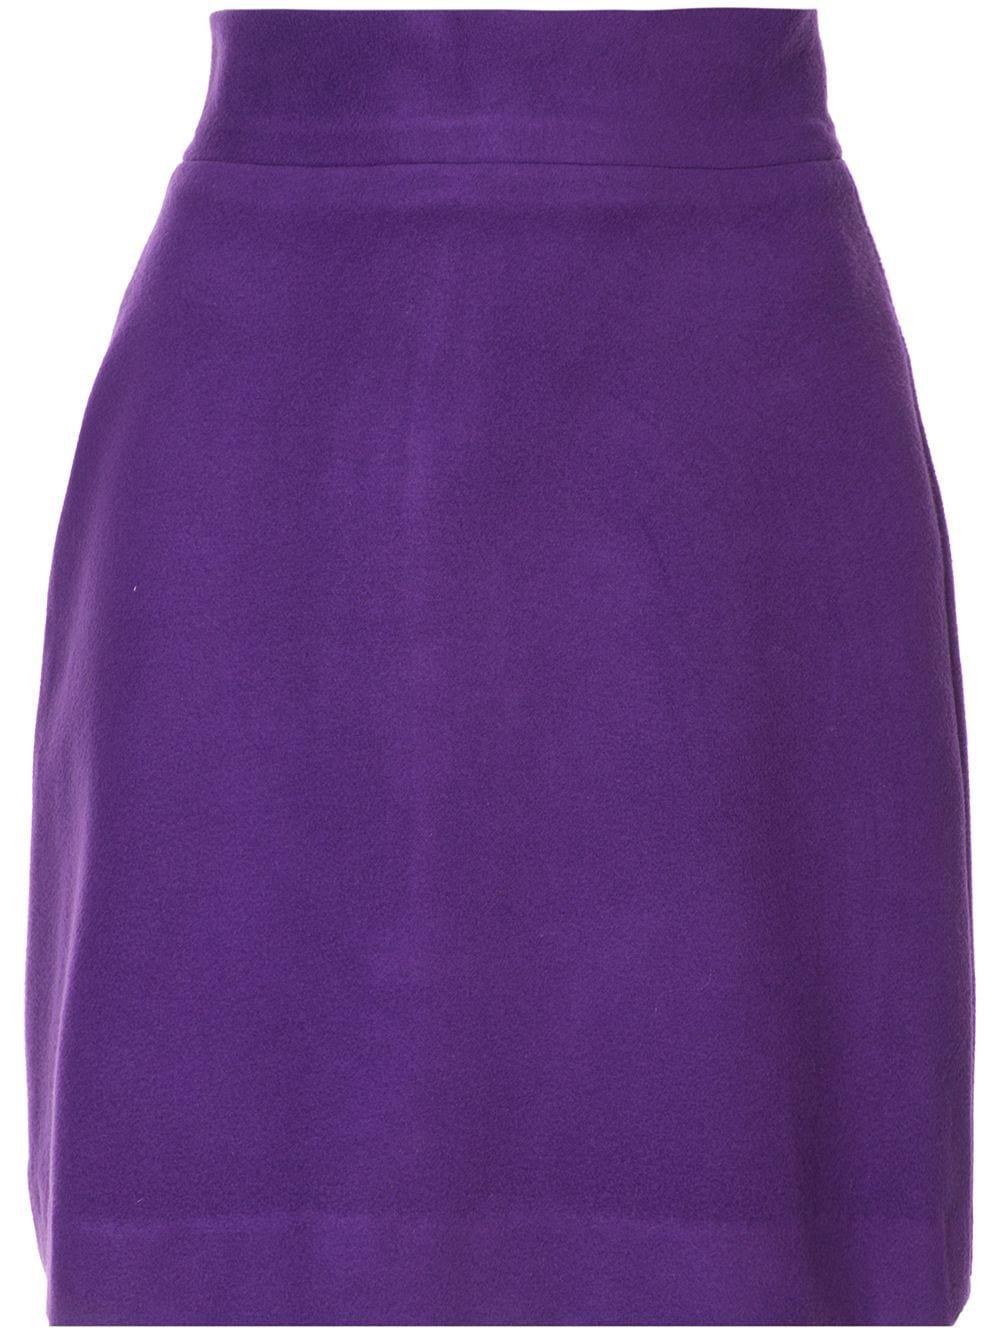 Bambah Serena Mini Skirt